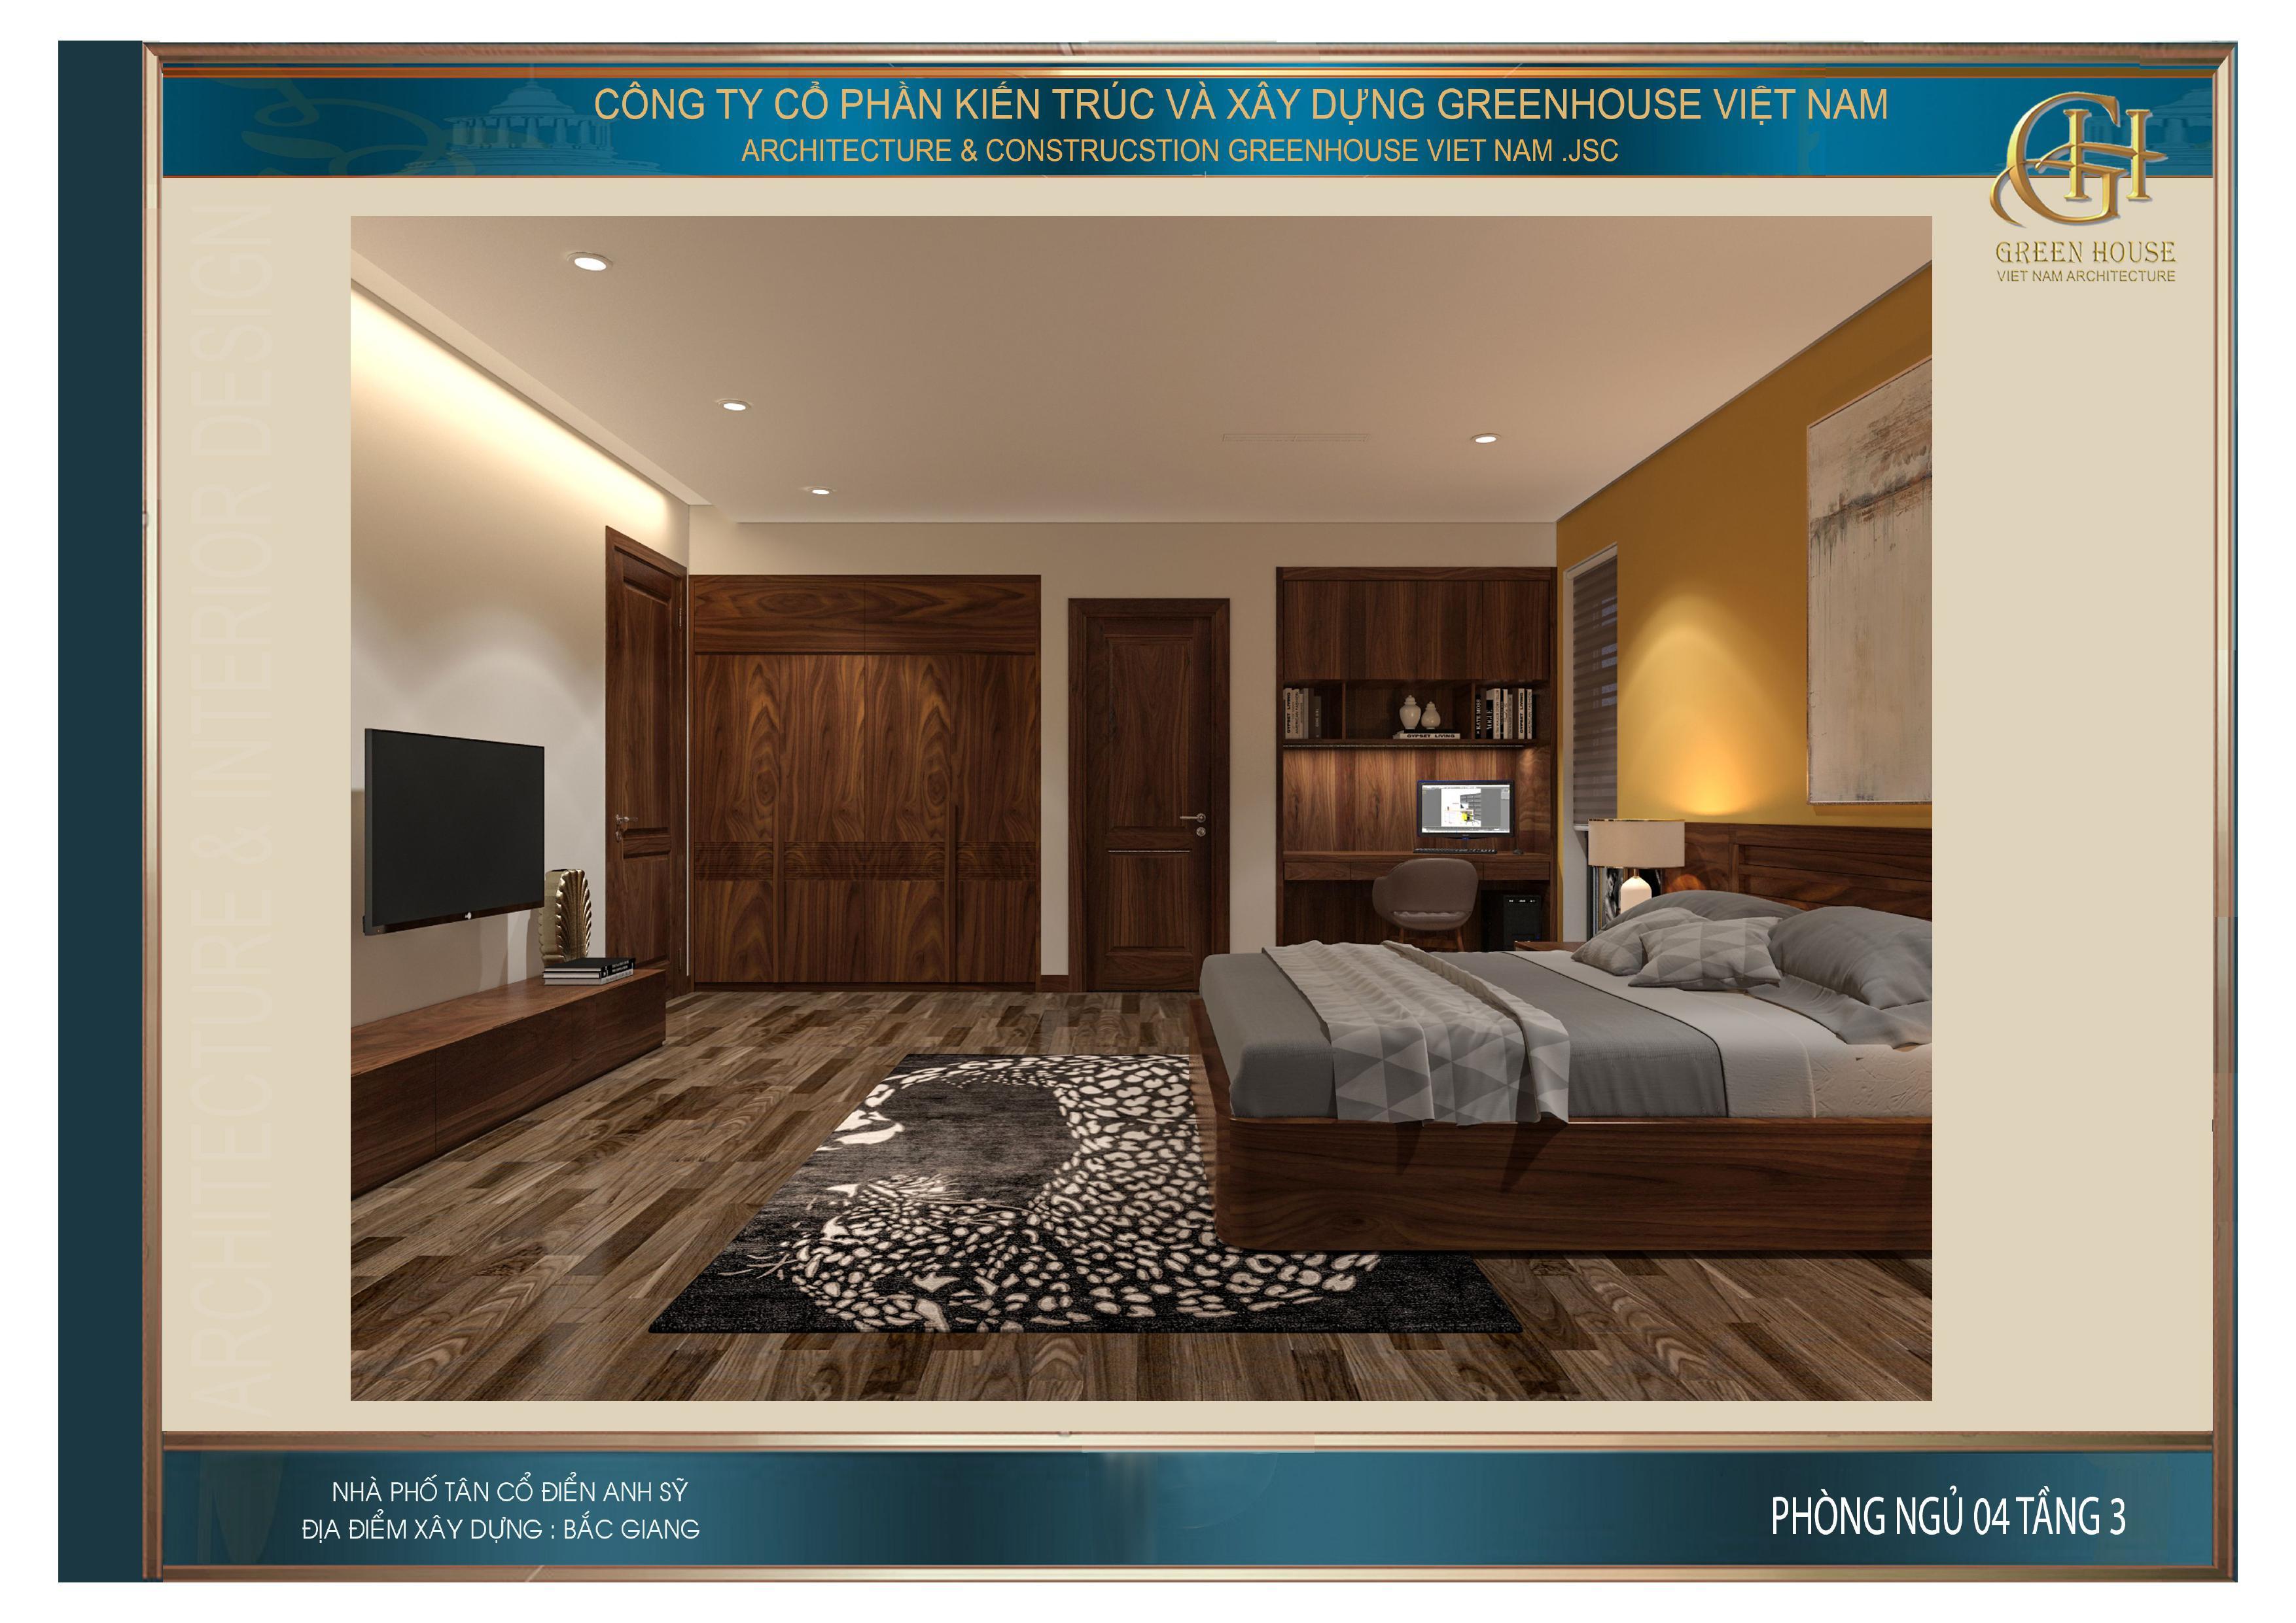 Toàn cảnh không gian bên trong của phòng ngủ tại tầng 3